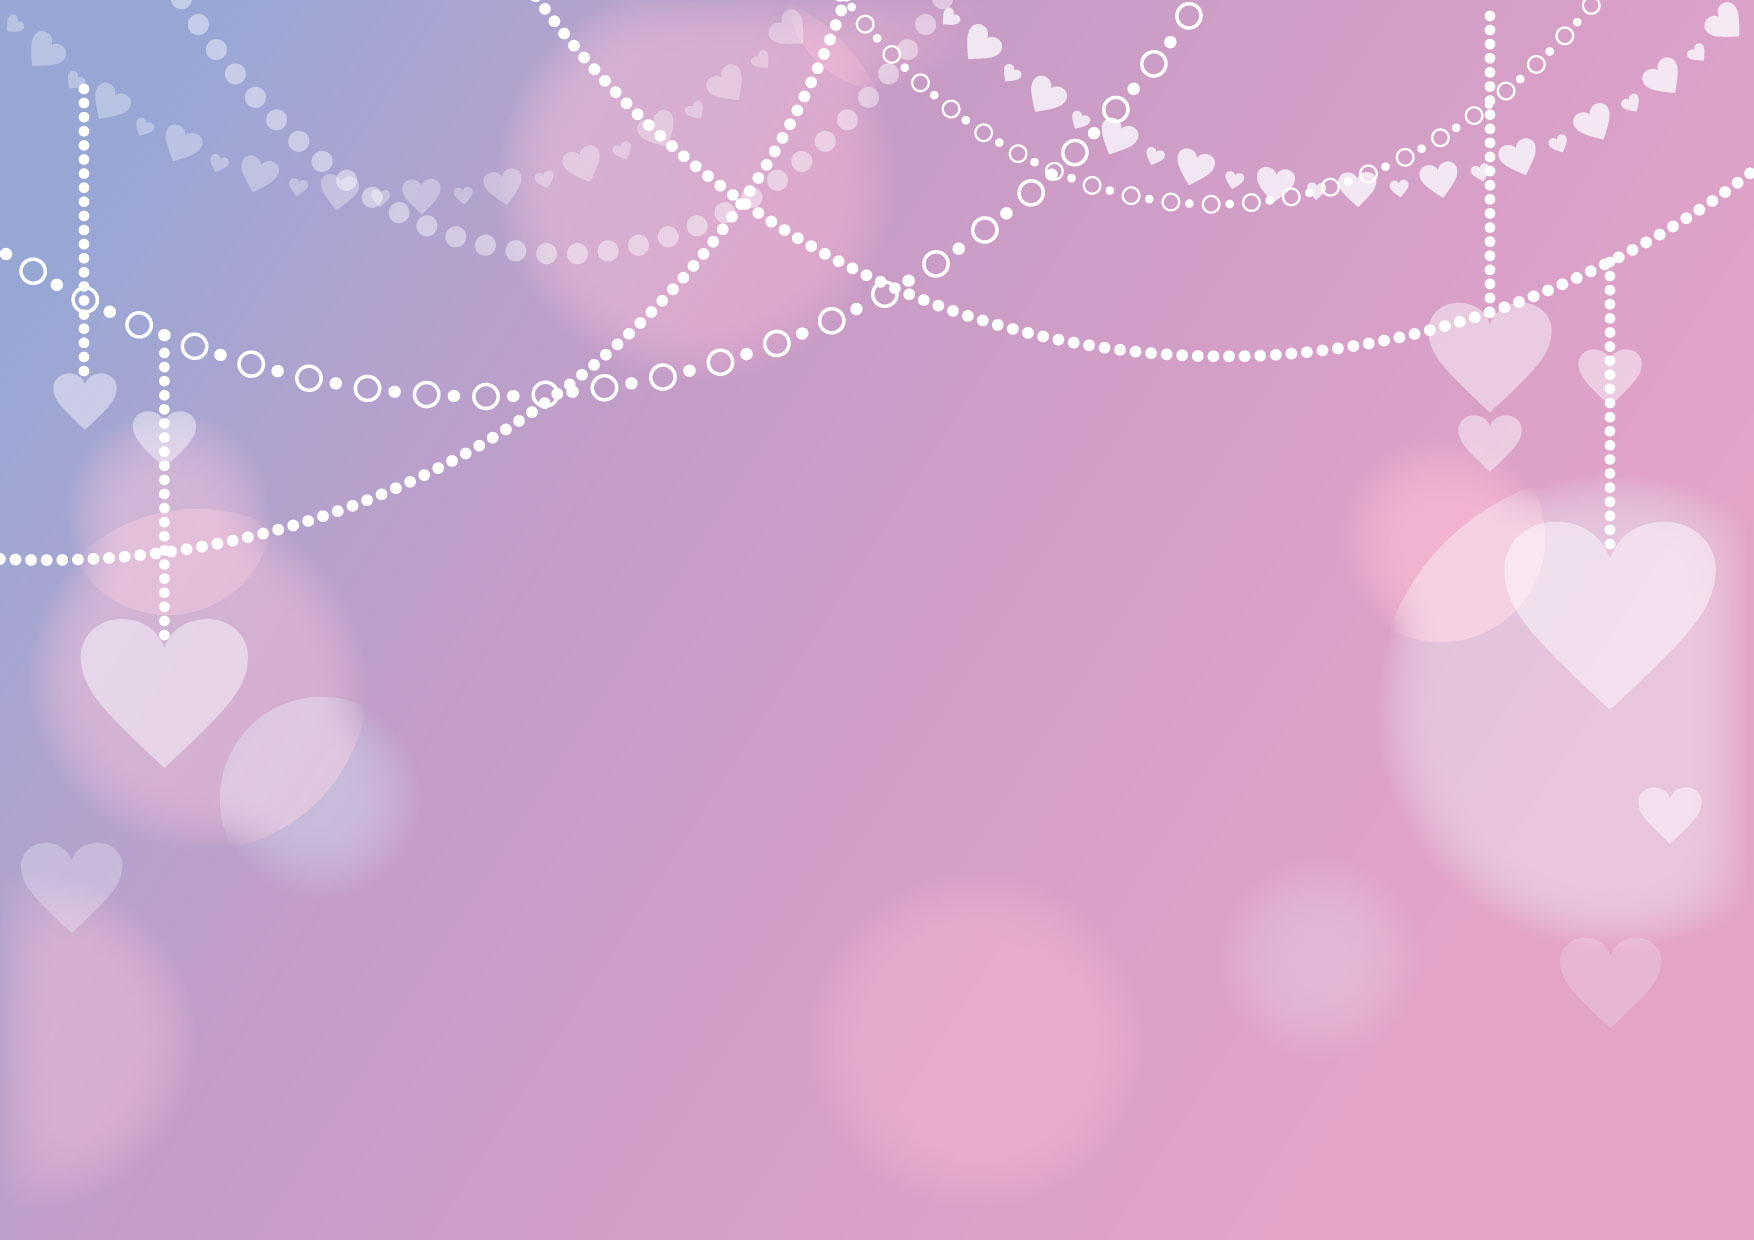 可愛いイラスト無料|バレンタイン 背景 チェーン ピンク − free illustration Valentine background chain pink